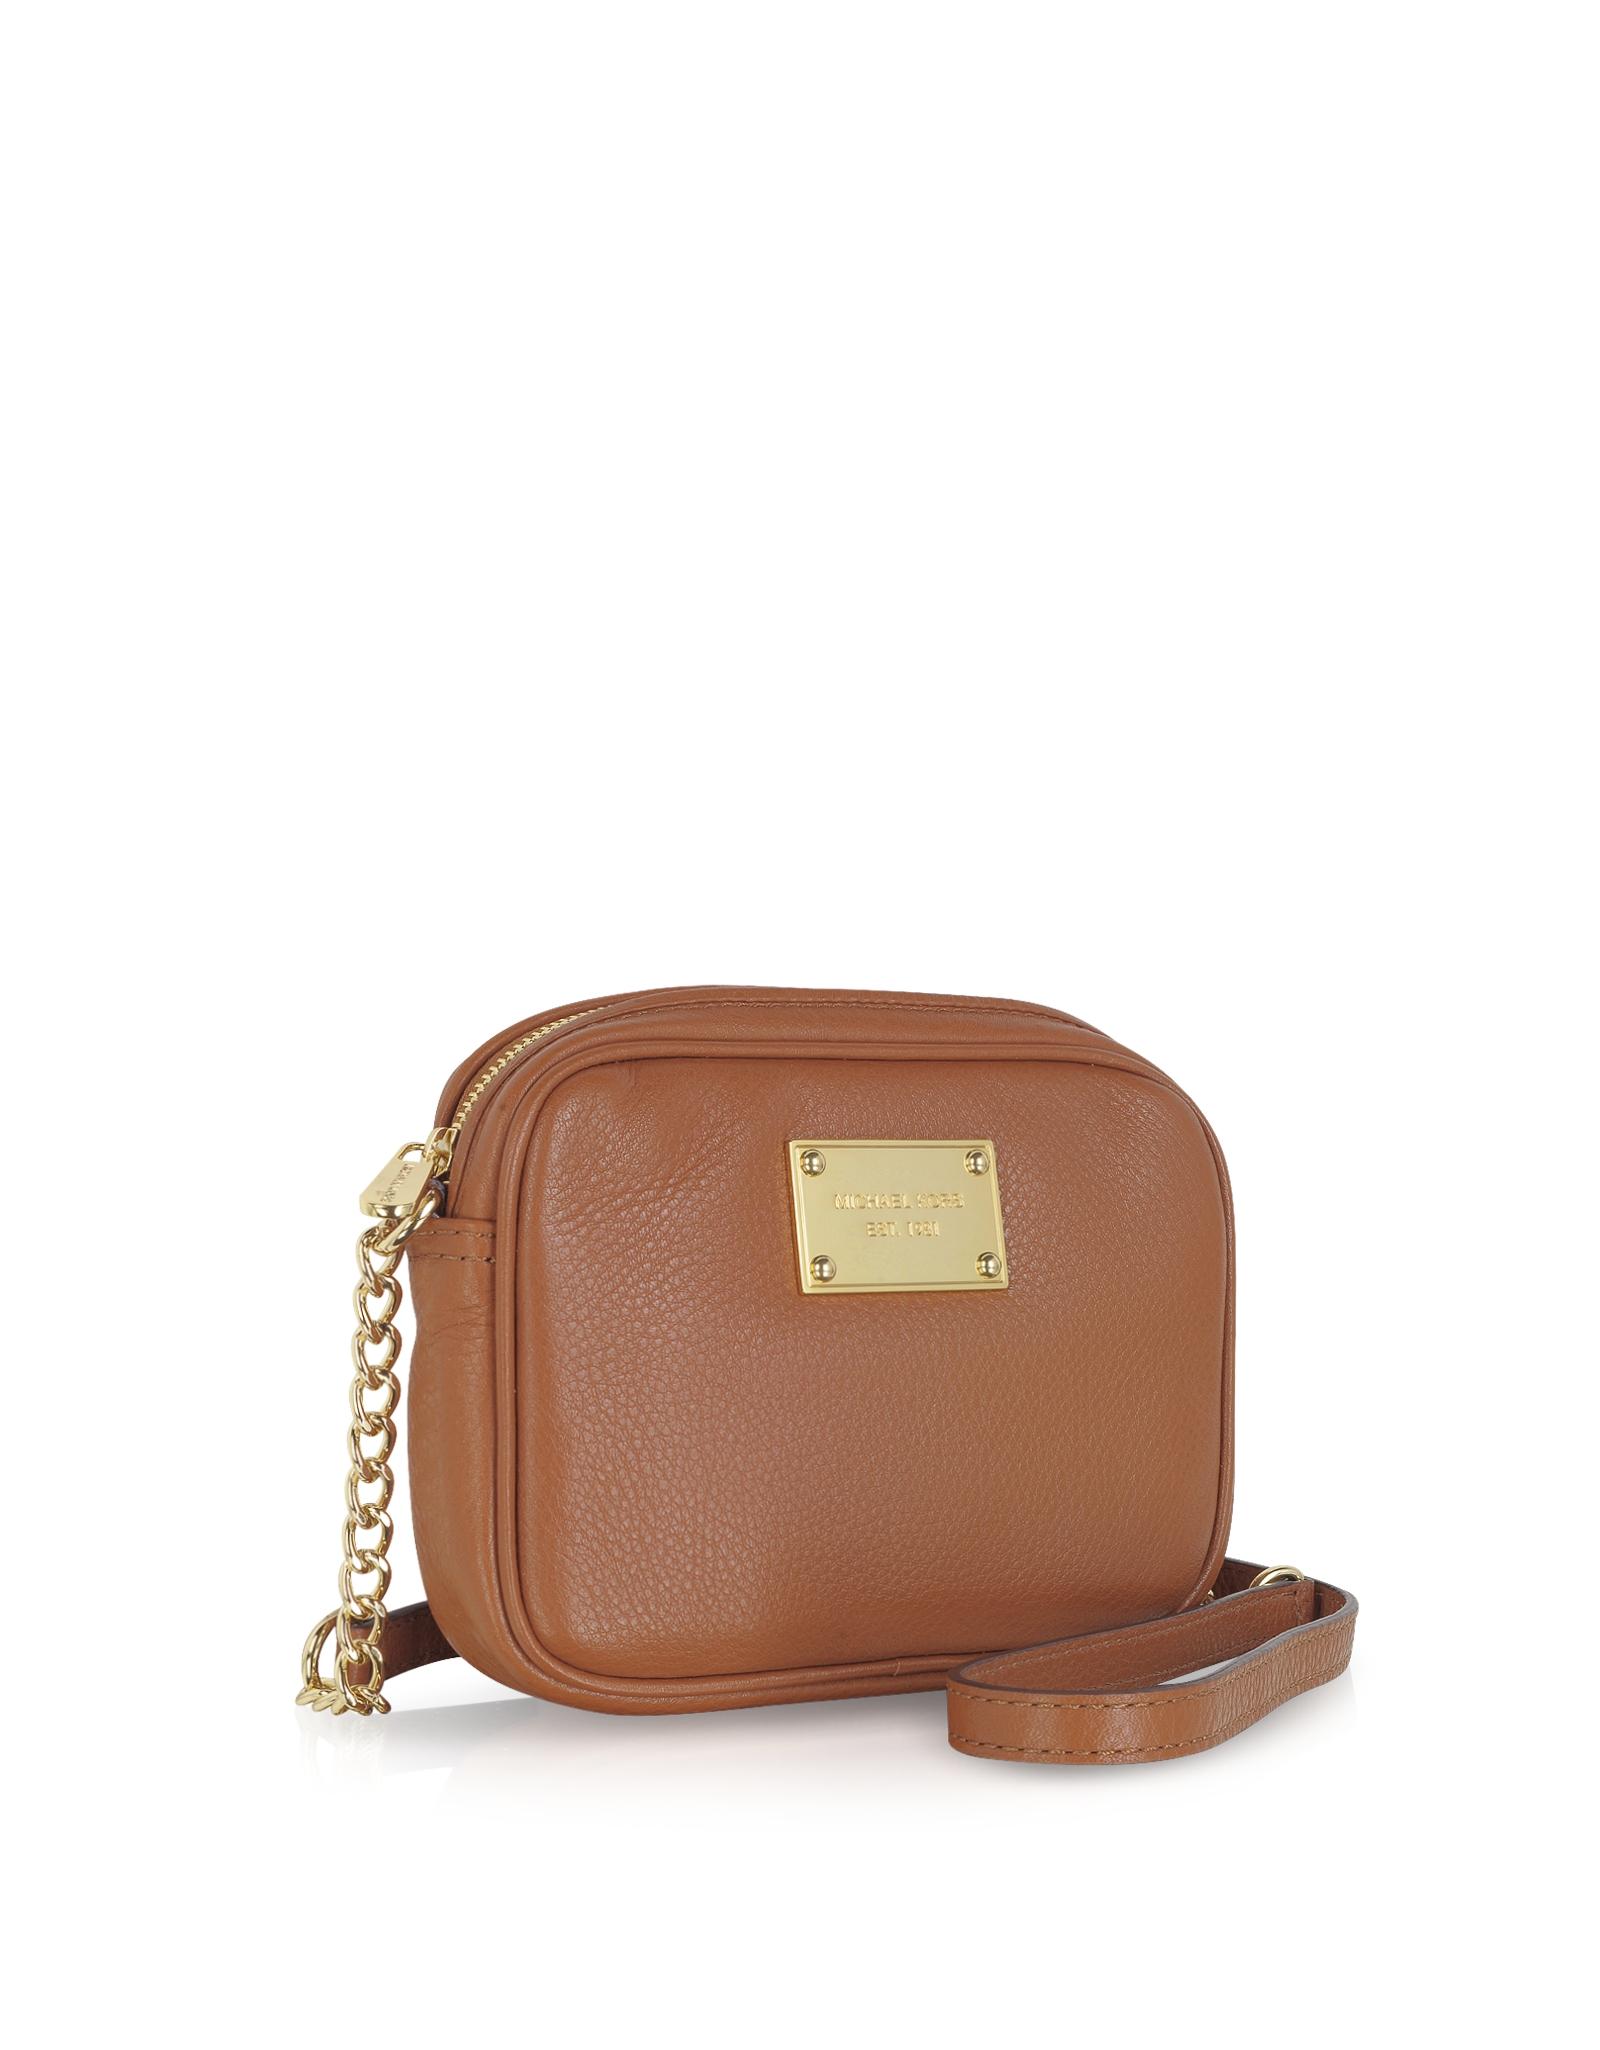 michael kors jet set item leather crossbody bag in brown. Black Bedroom Furniture Sets. Home Design Ideas